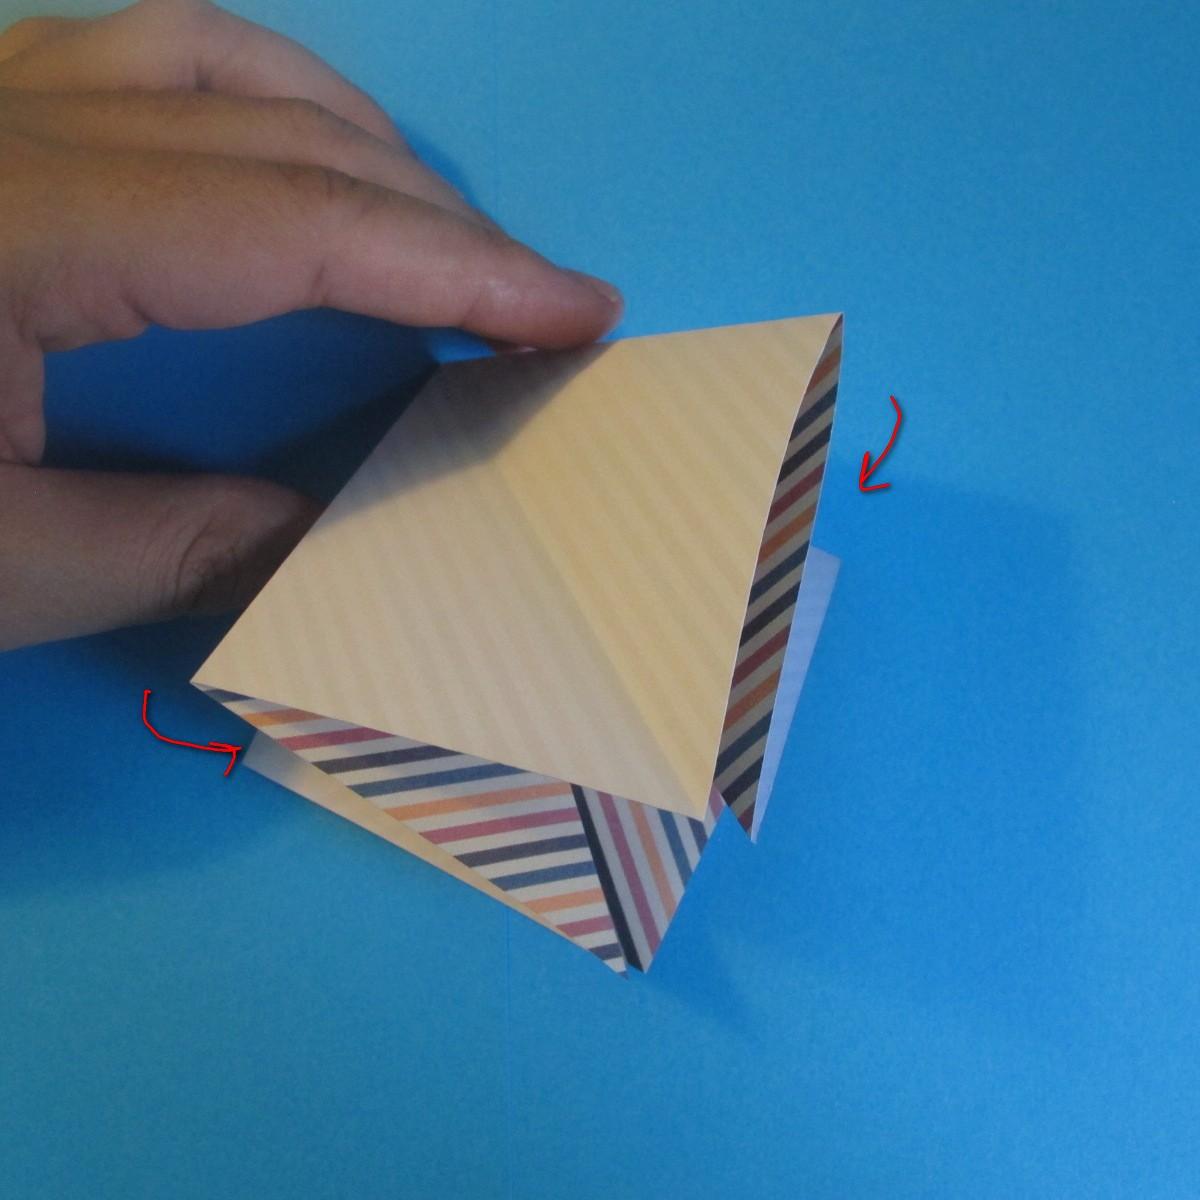 วิธีการพับกระดาษเป็นโบว์หูกระต่าย 004